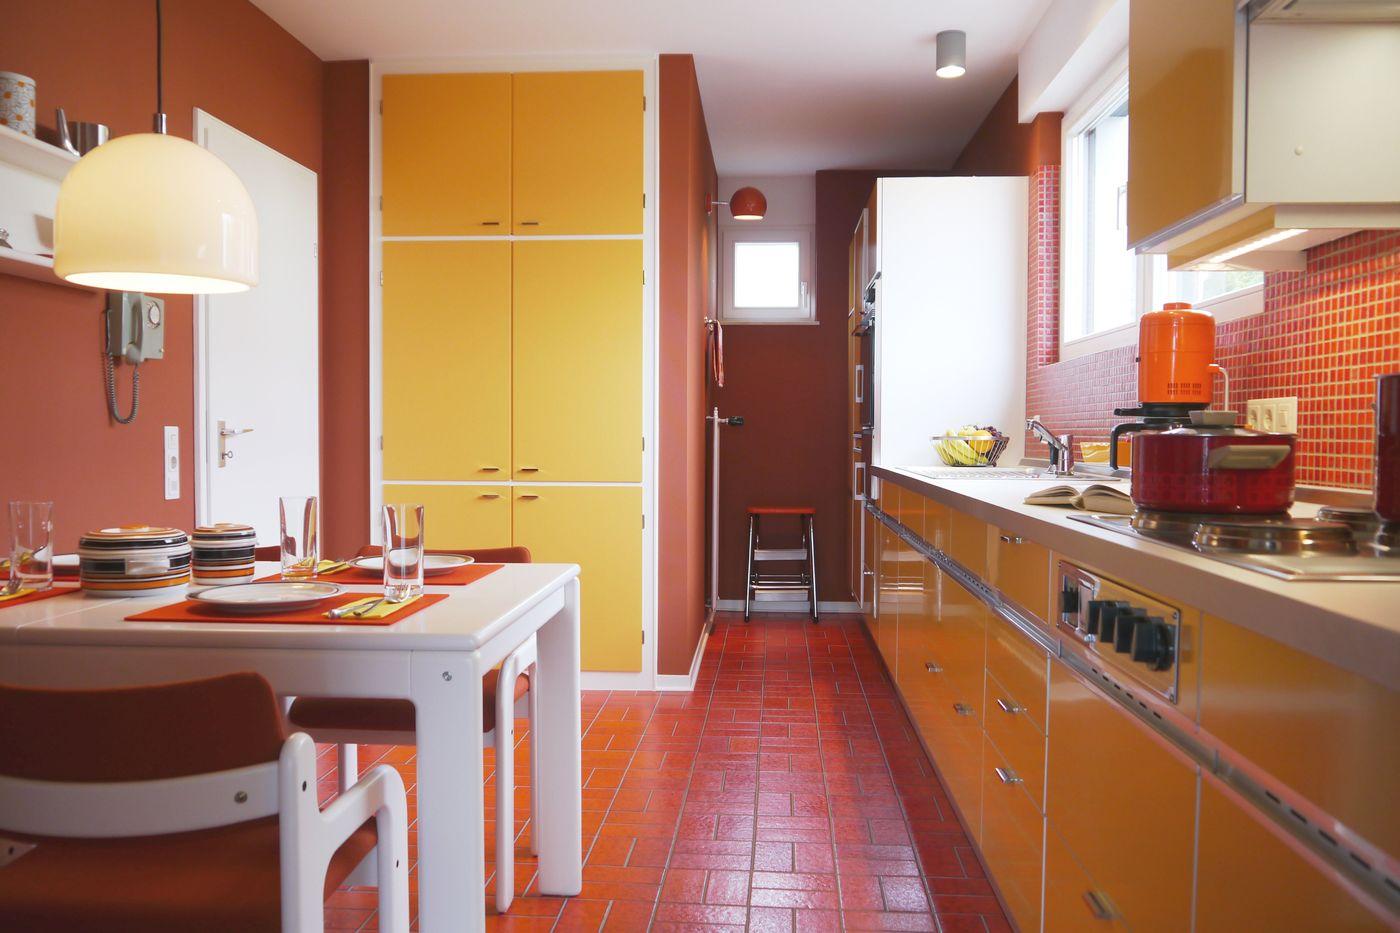 Wohnen und Einrichten im 70er Jahre Stil - Seite 8